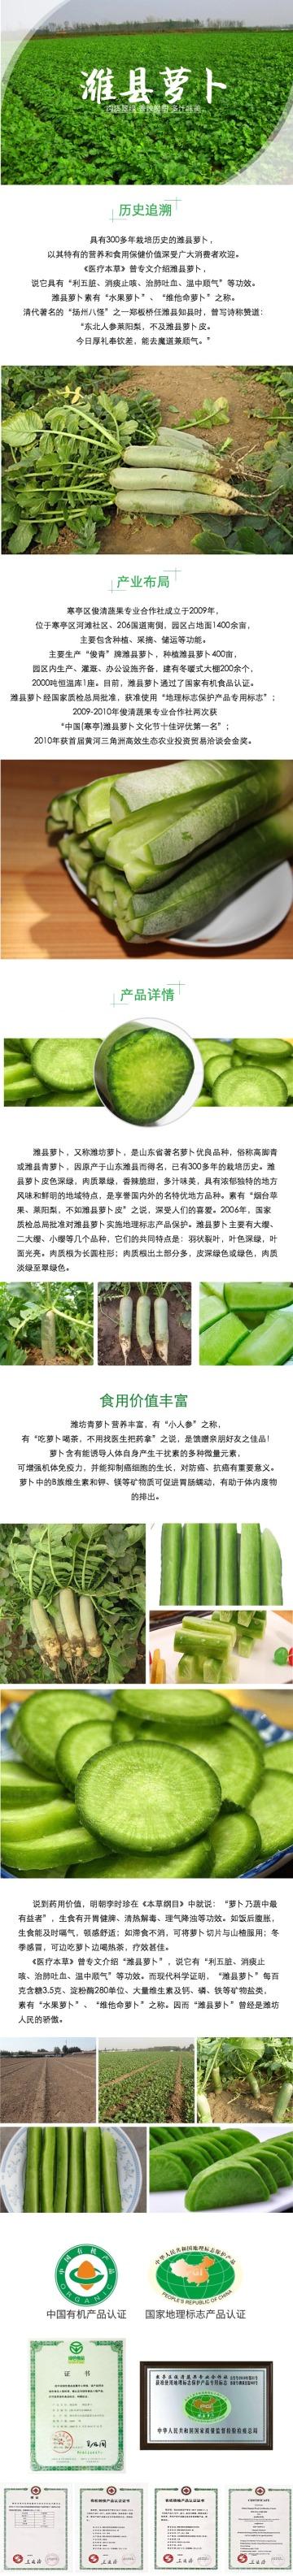 简约清新潍县青萝卜电商详情图